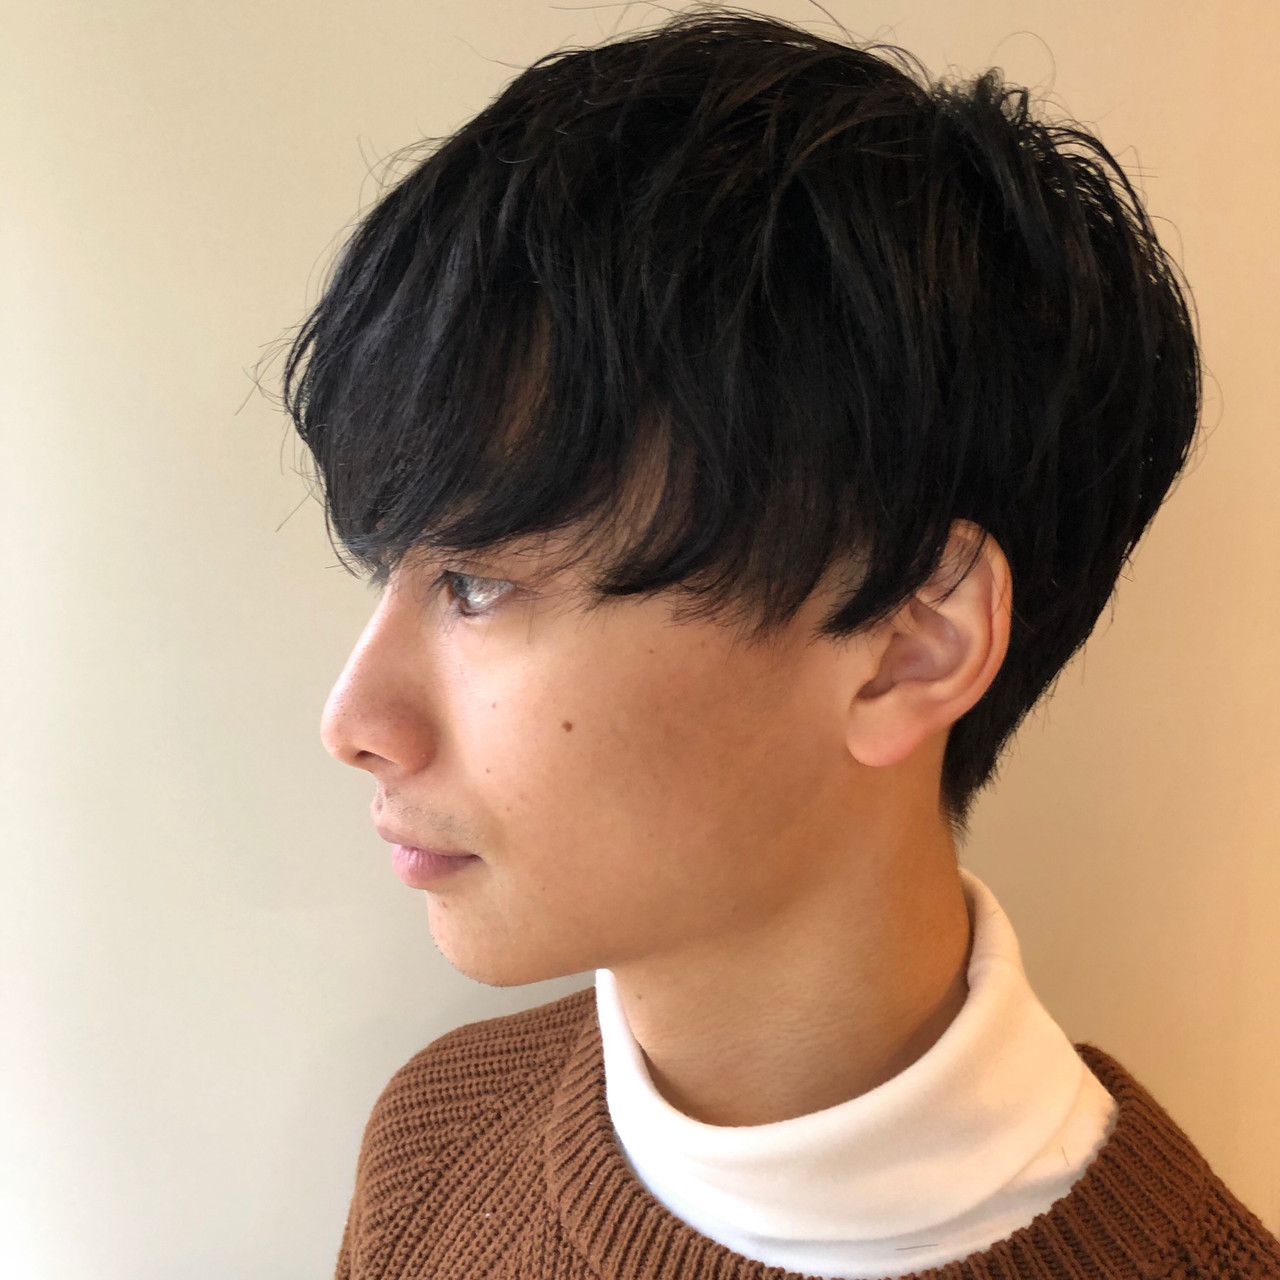 メンズマッシュ モード メンズカット メンズカジュアル ヘアスタイルや髪型の写真・画像